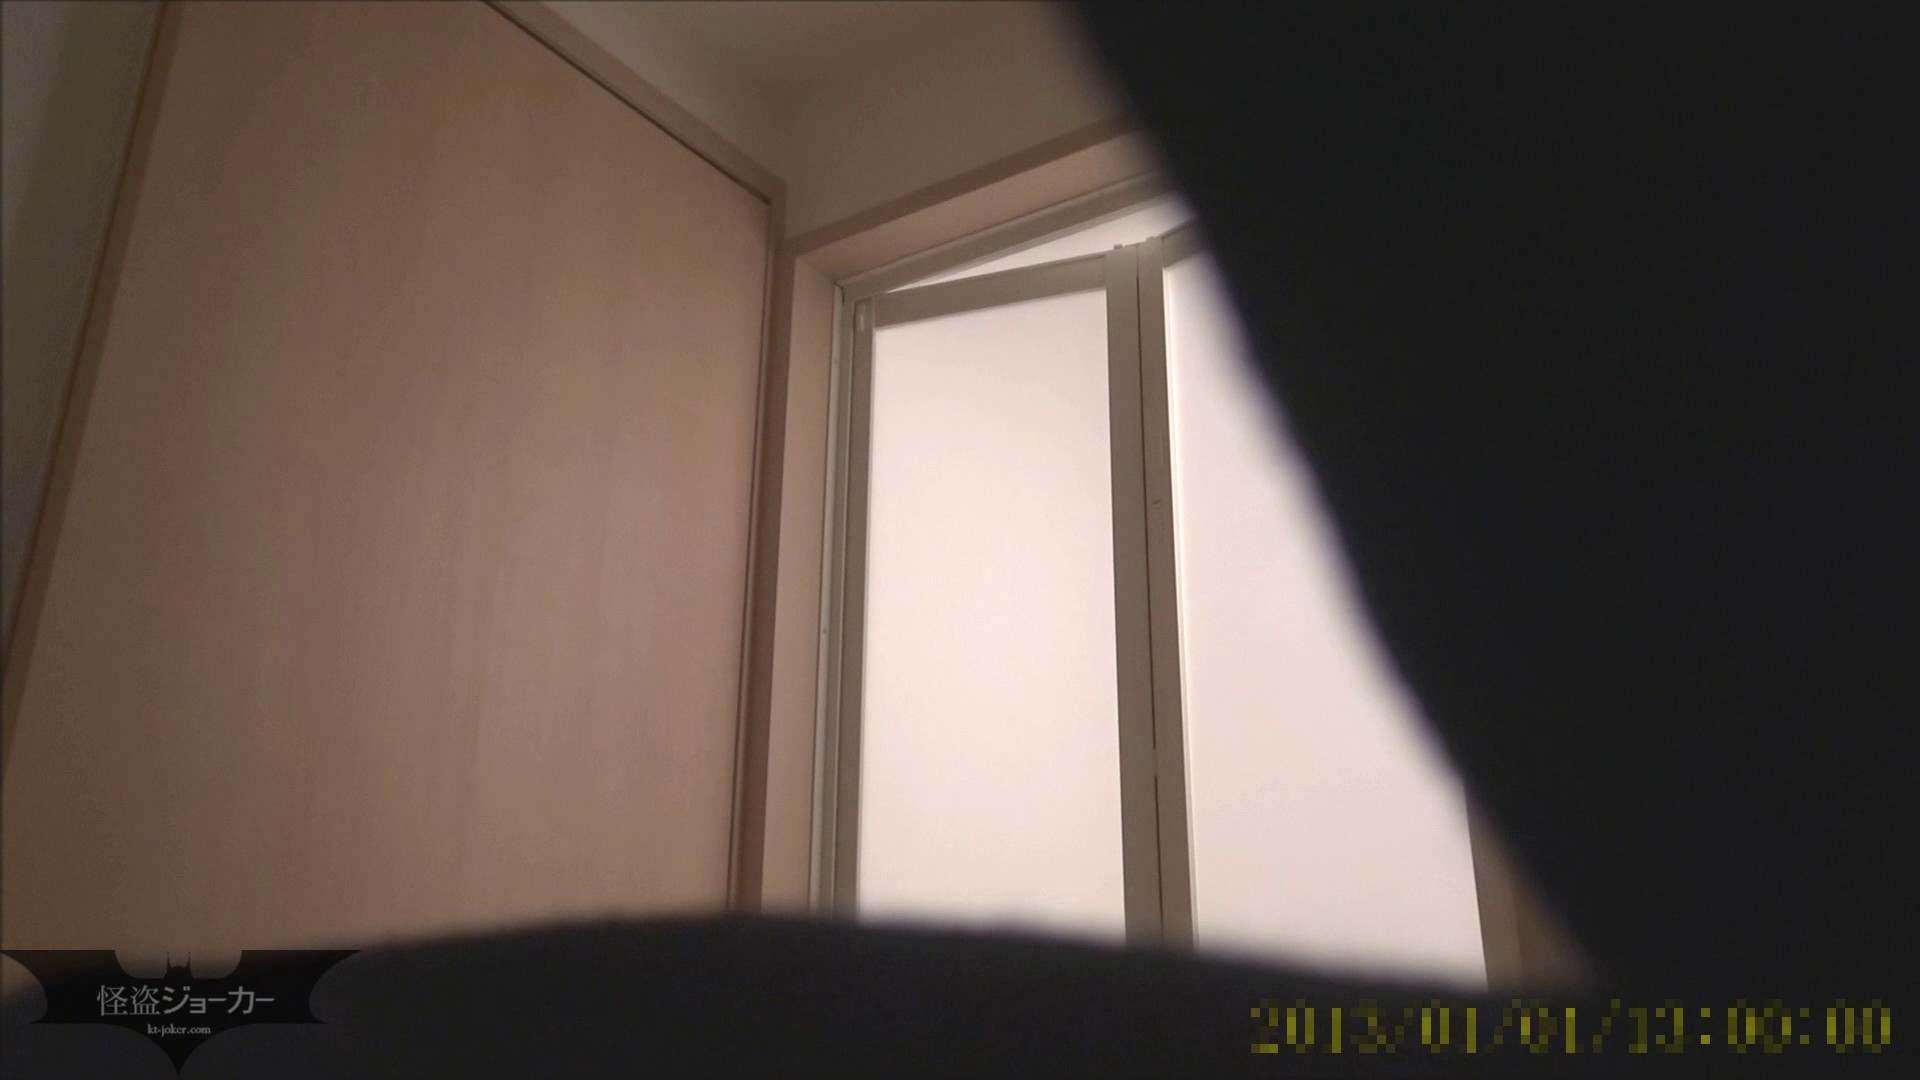 【未公開】vol.103  {黒髪→茶髪ボブに変身}美巨乳アミちゃん④【前編】 高画質 セックス画像 92画像 85